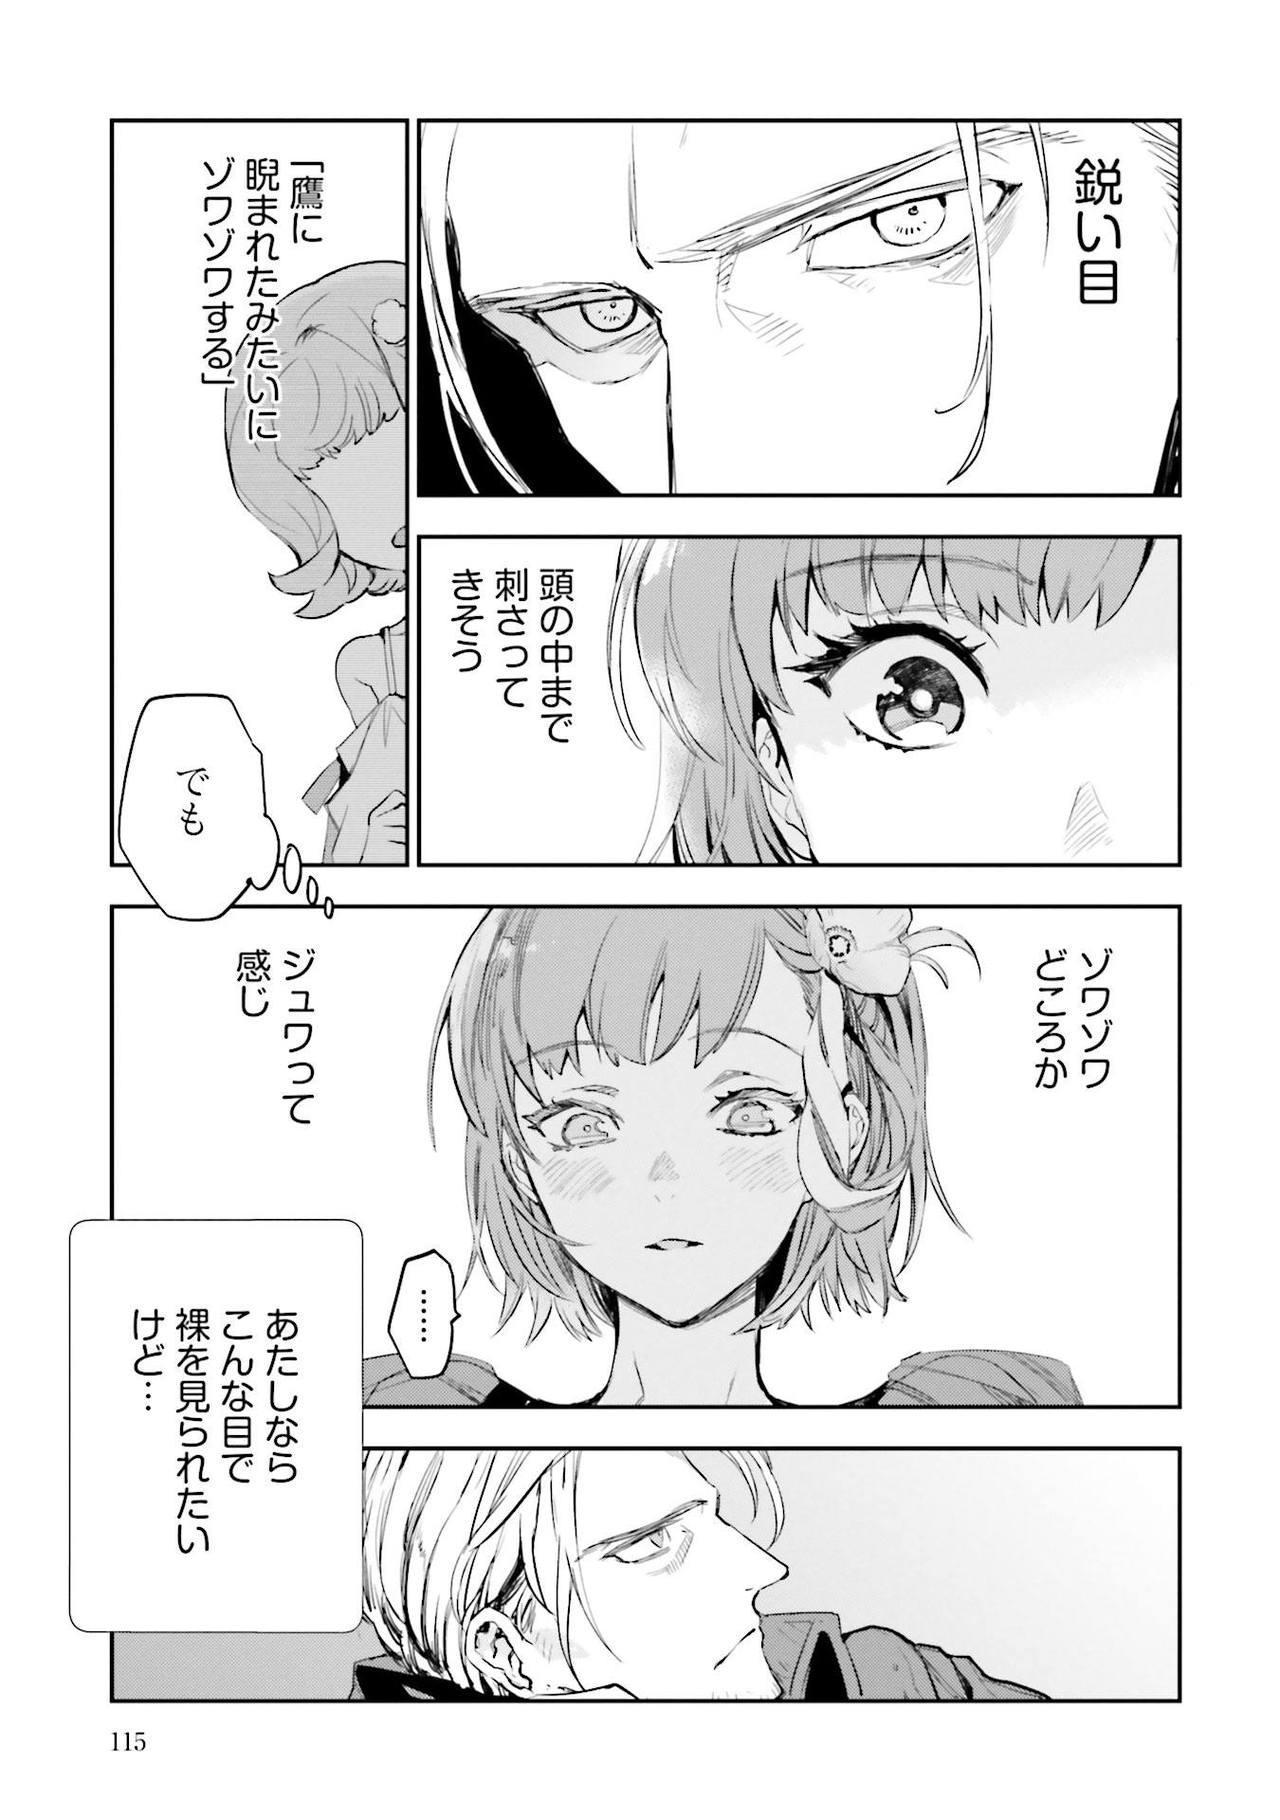 JK Haru wa Isekai de Shoufu ni Natta 1-14 303